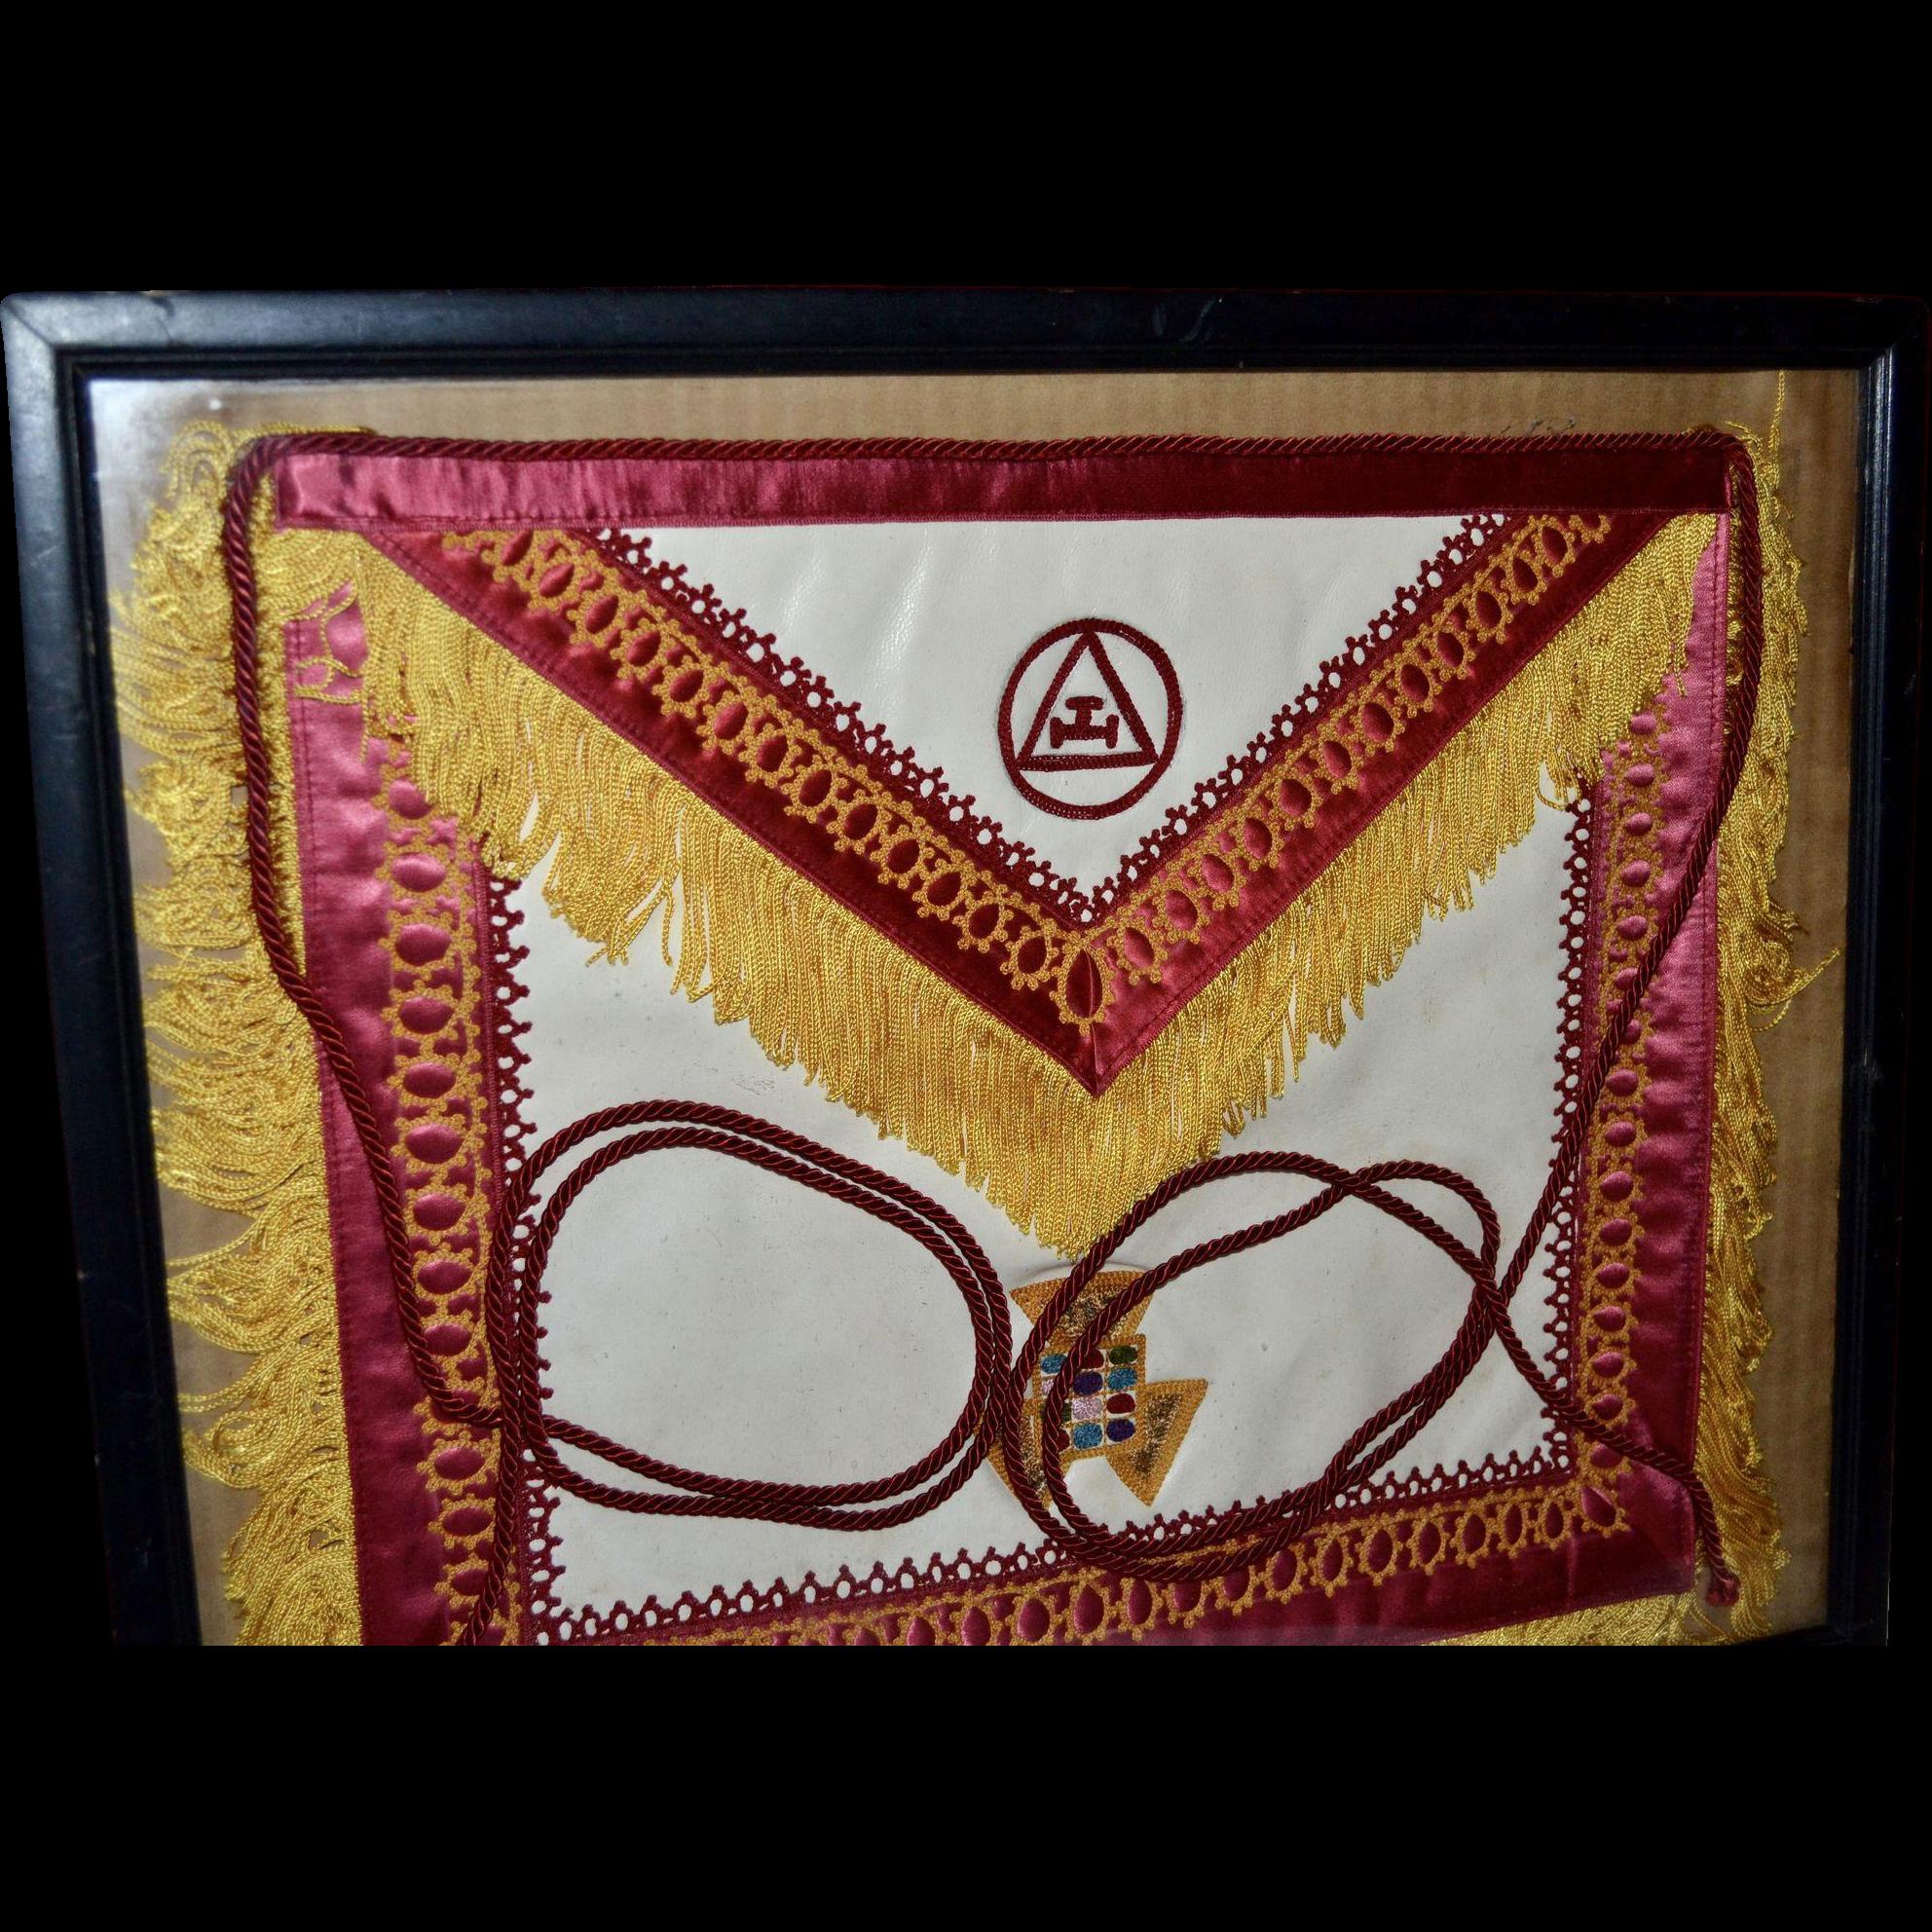 White apron freemason - Vintage Freemason Masonic White Leather Embroidery Apron W Fringe Tassels In Frame